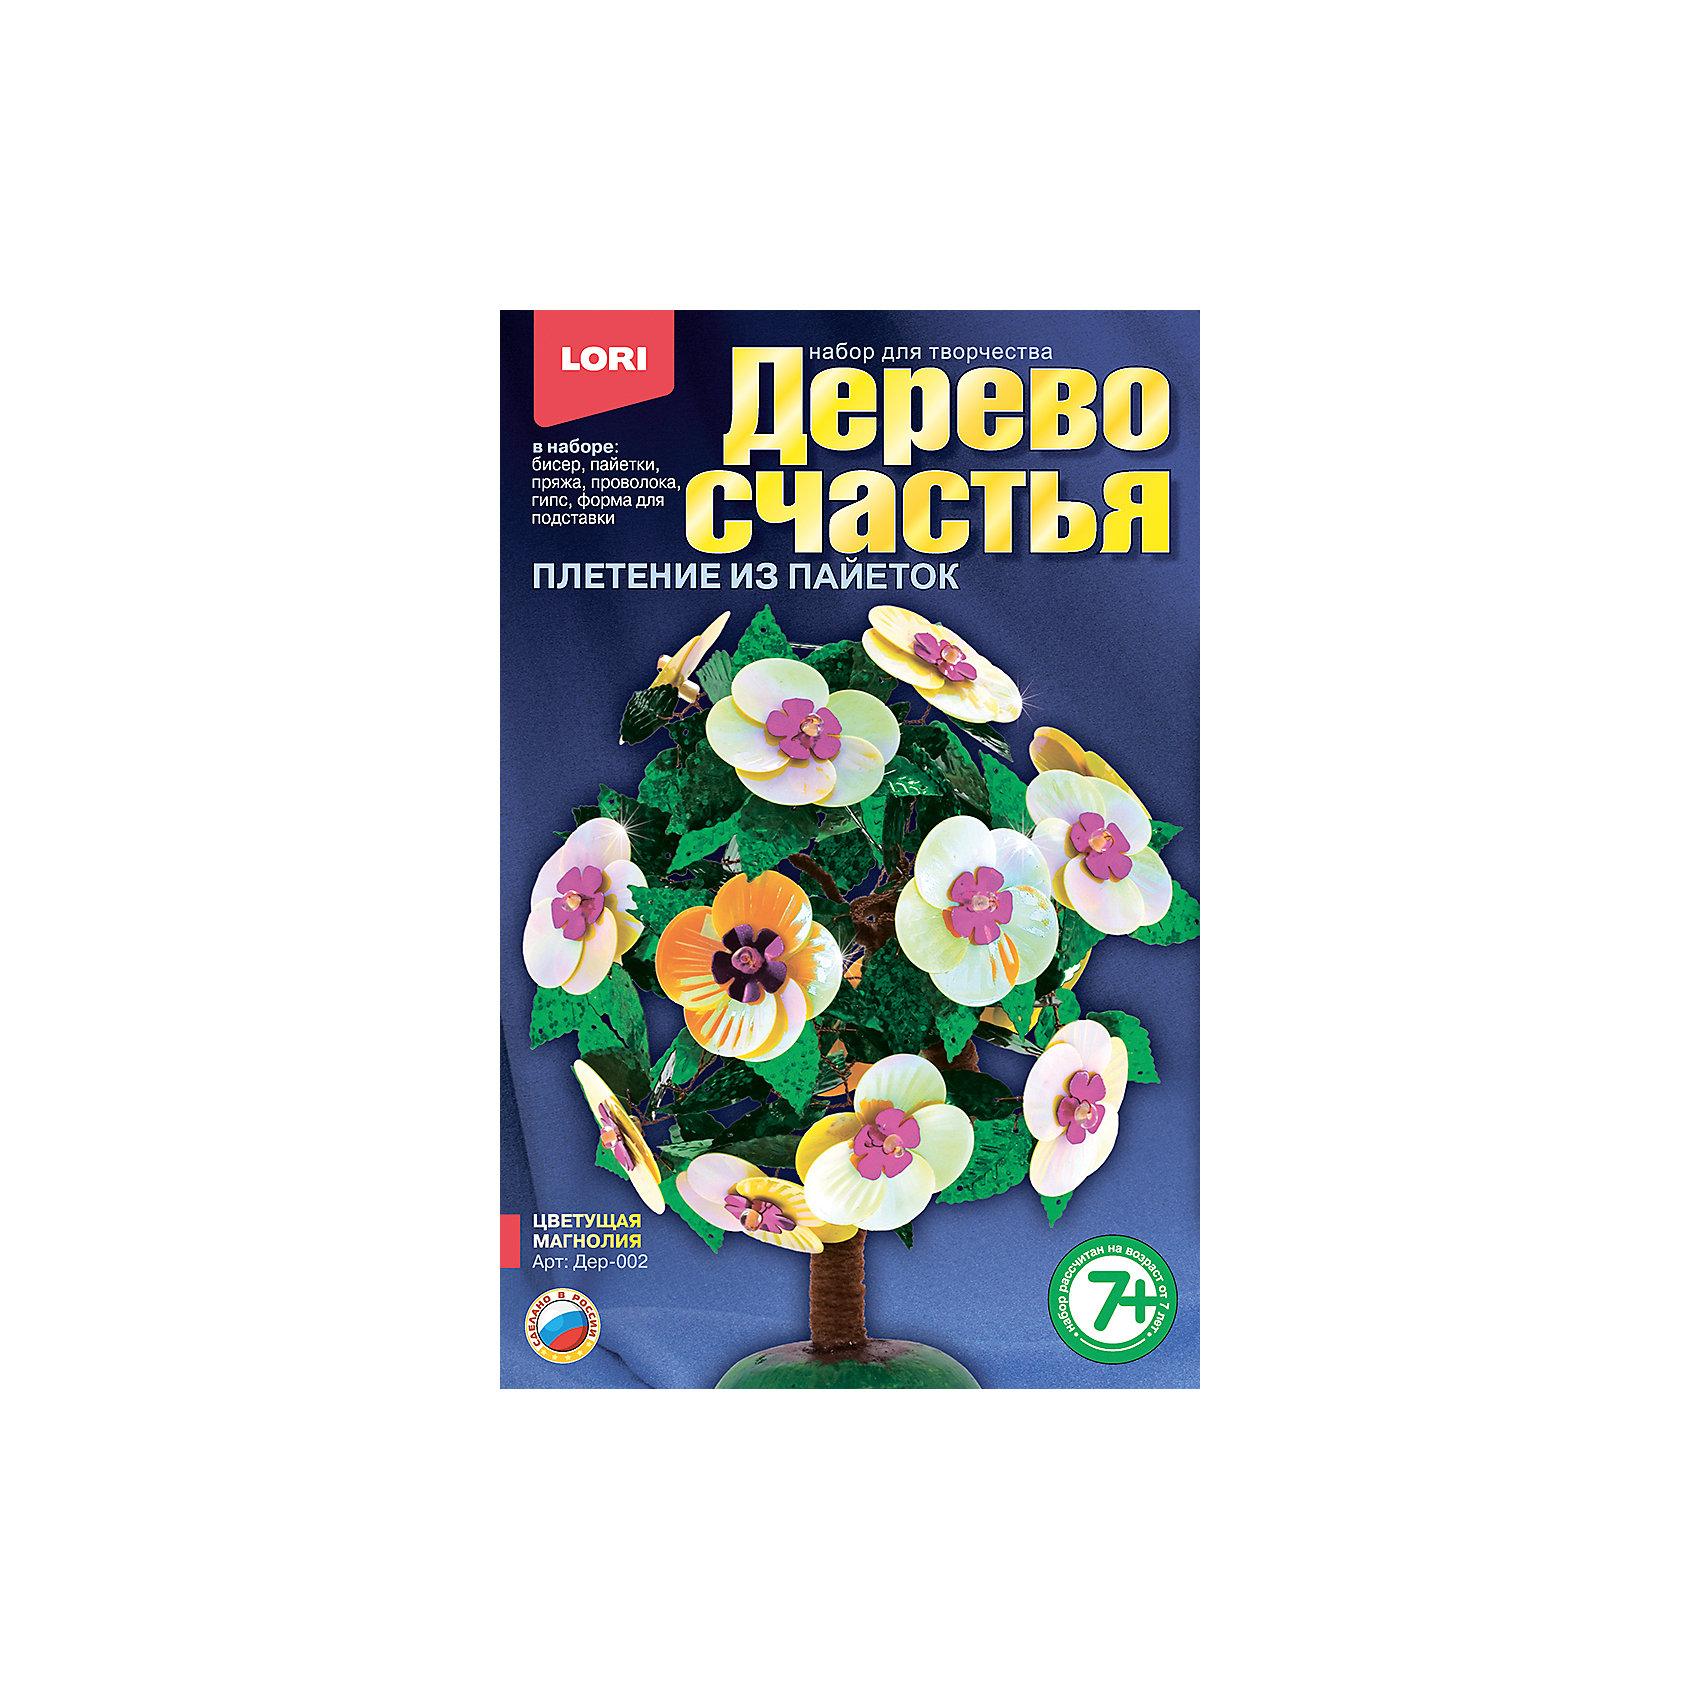 Дерево счастья Цветущая магнолияДеревья из пайеток<br>Характеристики товара:<br><br>• цвет: разноцветный<br>• размер упаковки: 13х20х4 см<br>• вес: 190 г<br>• комплектация: бисер, акриловые бусины, пайетки, пряжа коричневая, проволока, гипс, полистирольная форма для заливки гипса, подробная инструкция<br>• возраст: от семи лет<br>• упаковка: картонная коробка<br>• страна бренда: РФ<br>• страна изготовитель: РФ<br><br>Творчество - это увлекательно и полезно! Такой набор станет отличным подарком ребенку - ведь с помощью него можно получить красивое дерево счастья! В набор входит бисер, акриловые бусины, пайетки, пряжа коричневая, проволока, гипс, полистирольная форма для заливки гипса, подробная инструкция. Чтобы сделать дерево, ребенку нужно заполнить следовать указаниям инструкции. В итоге получается украшение для интерьера или подарок родным.<br>Детям очень нравится что-то делать своими руками! Кроме того, творчество помогает детям развивать важные навыки и способности, оно активизирует мышление, формирует усидчивость, творческие способности, мелкую моторику и воображение. Изделие производится из качественных и проверенных материалов, которые безопасны для детей.<br><br>Набор Дерево счастья Цветущая магнолия от бренда LORI можно купить в нашем интернет-магазине.<br><br>Ширина мм: 208<br>Глубина мм: 135<br>Высота мм: 40<br>Вес г: 188<br>Возраст от месяцев: 84<br>Возраст до месяцев: 144<br>Пол: Женский<br>Возраст: Детский<br>SKU: 5158193